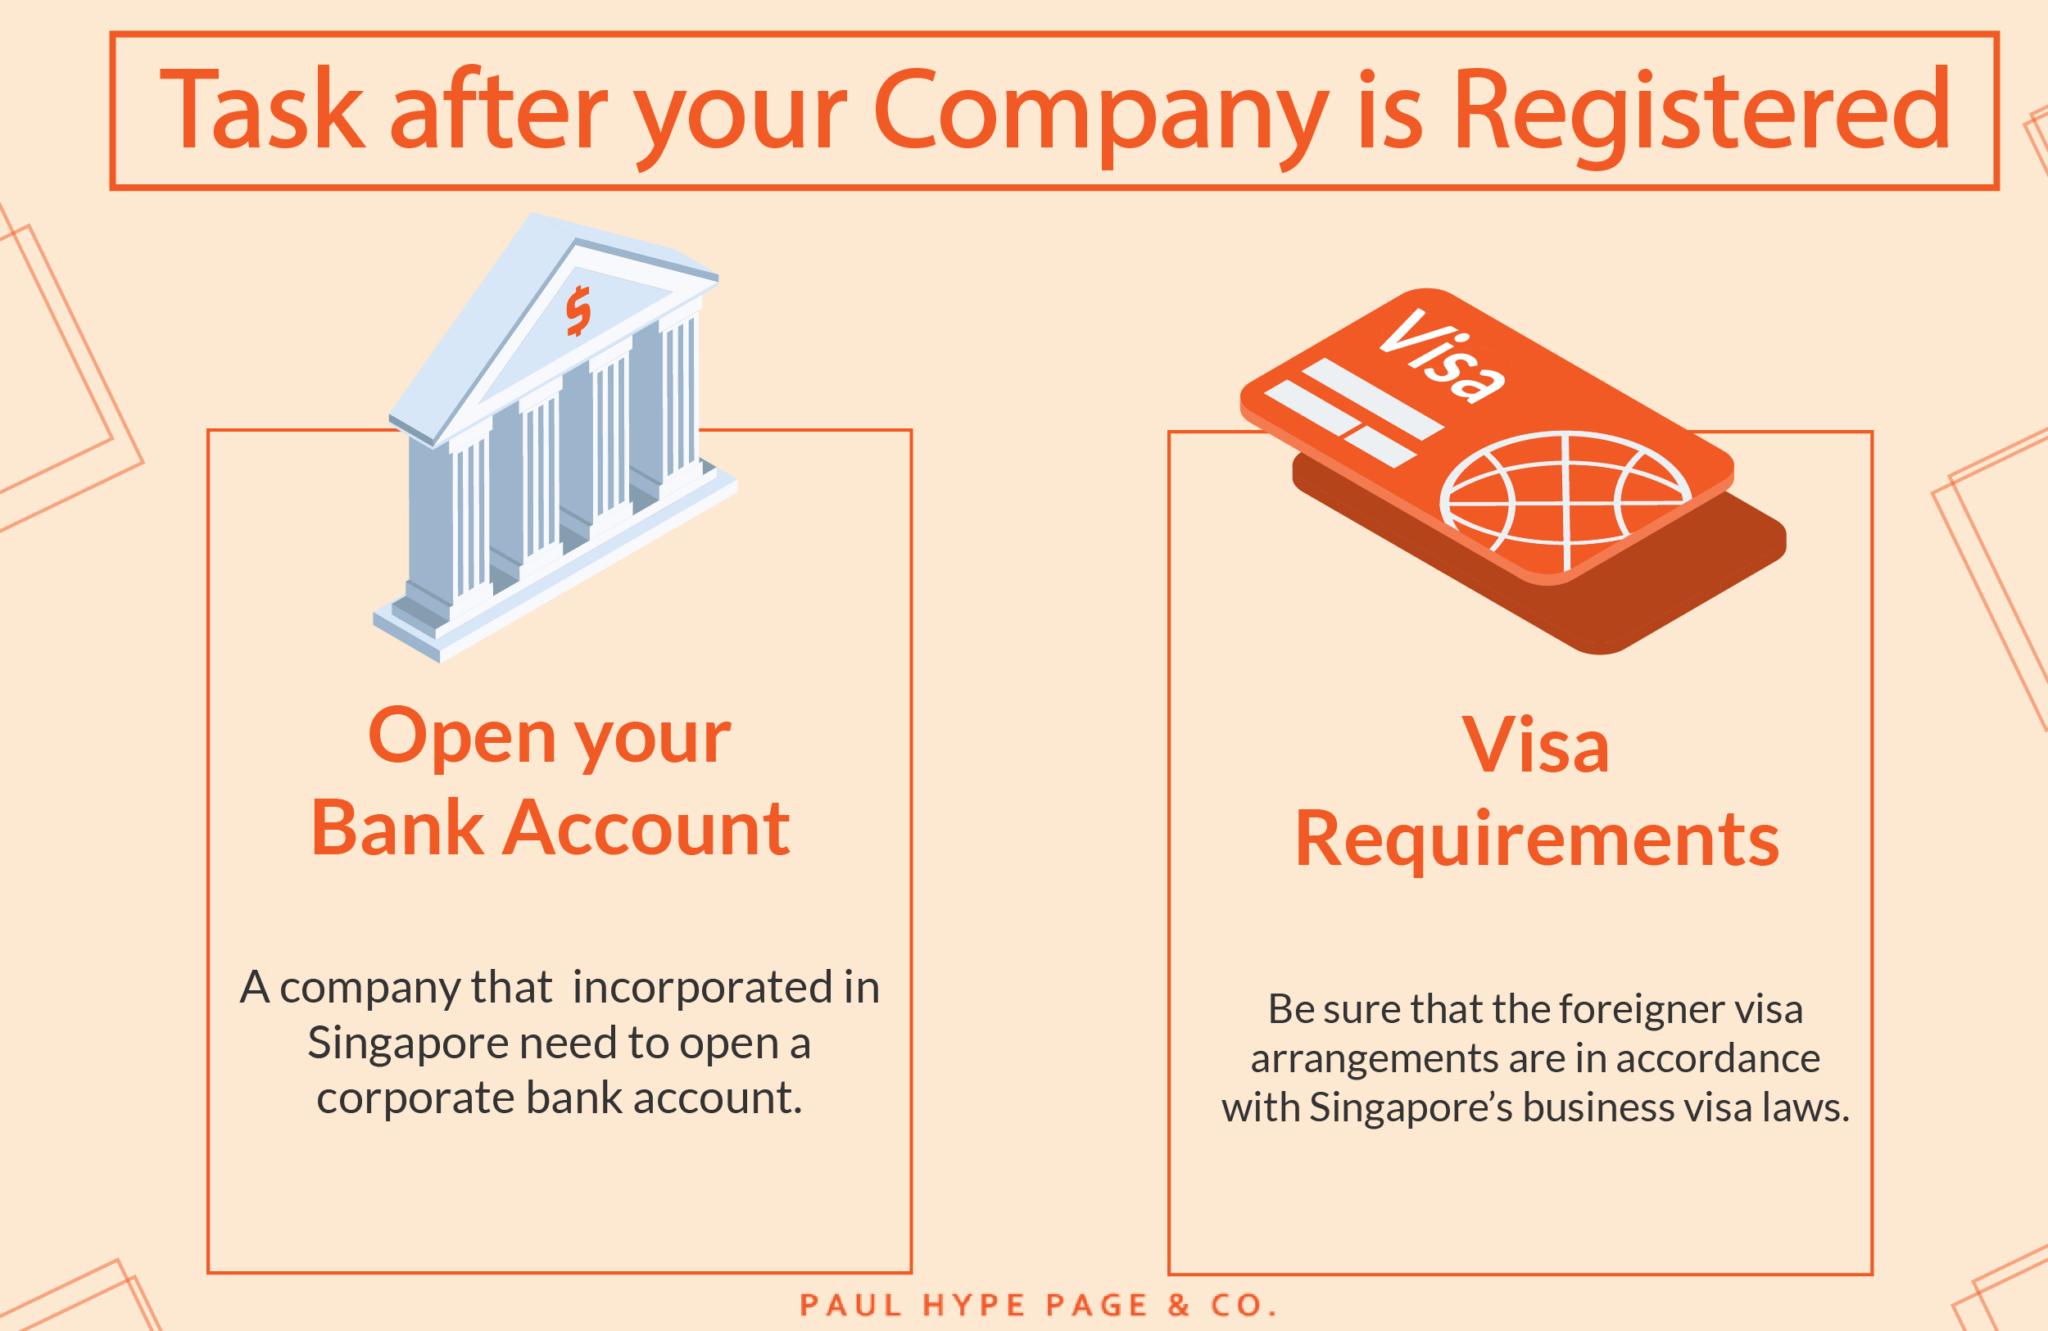 Post Registration after company registered